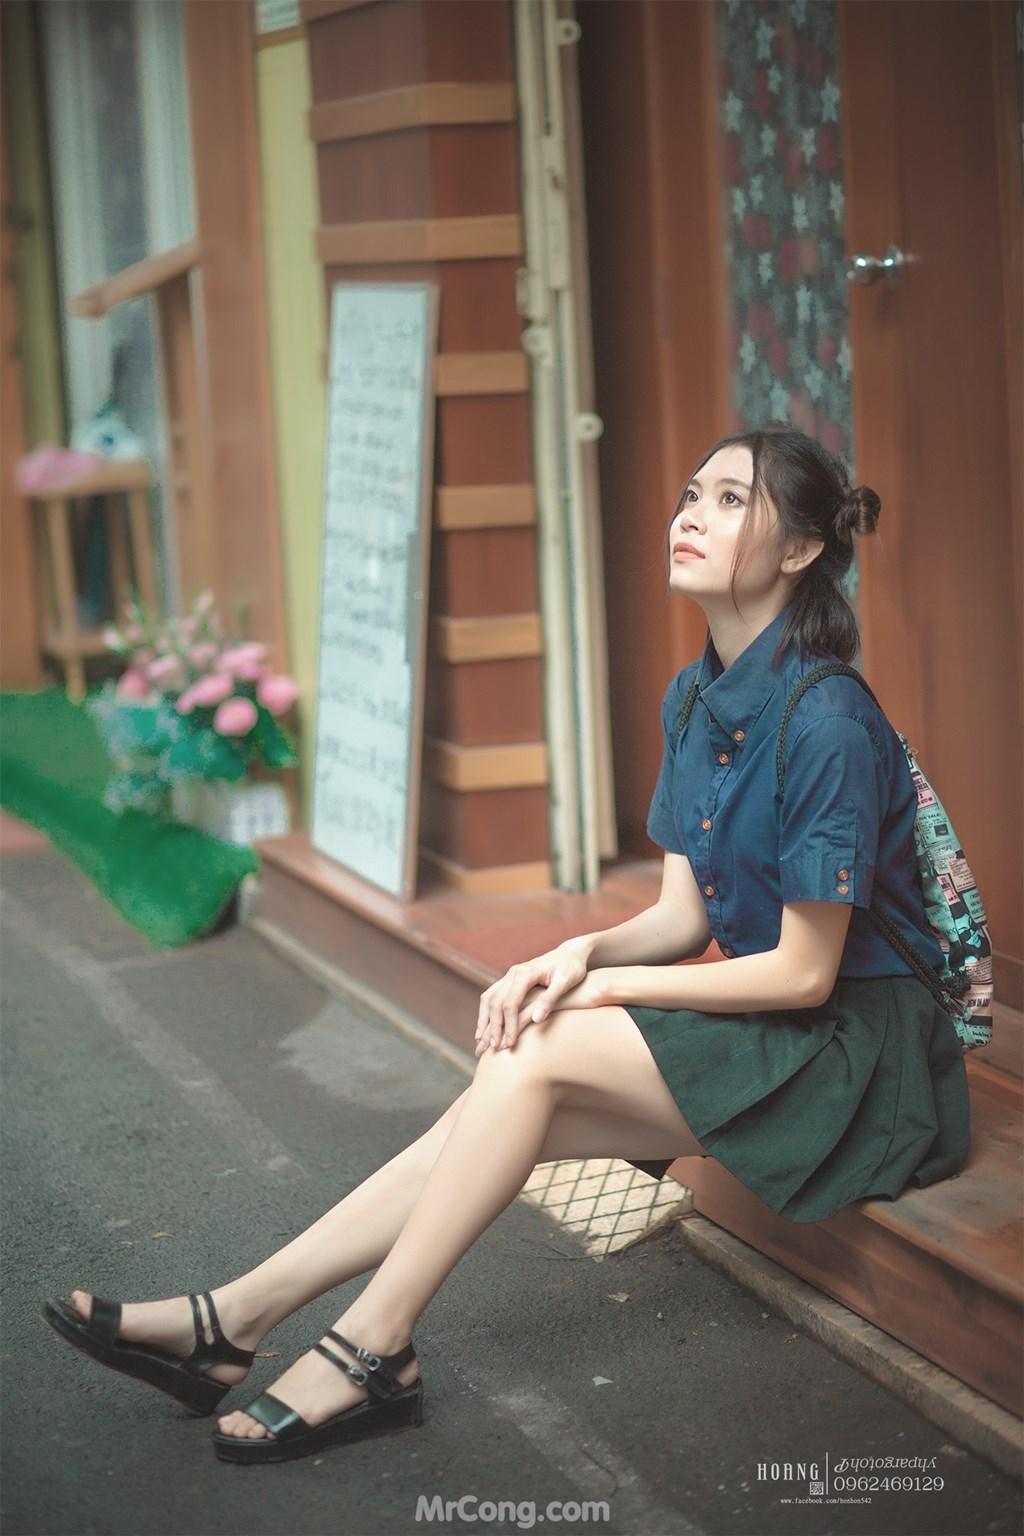 Ảnh Hot girl, sexy girl, bikini, người đẹp Việt sưu tầm (P11) Vietnamese-Models-by-Hoang-Nguyen-MrCong.com-033